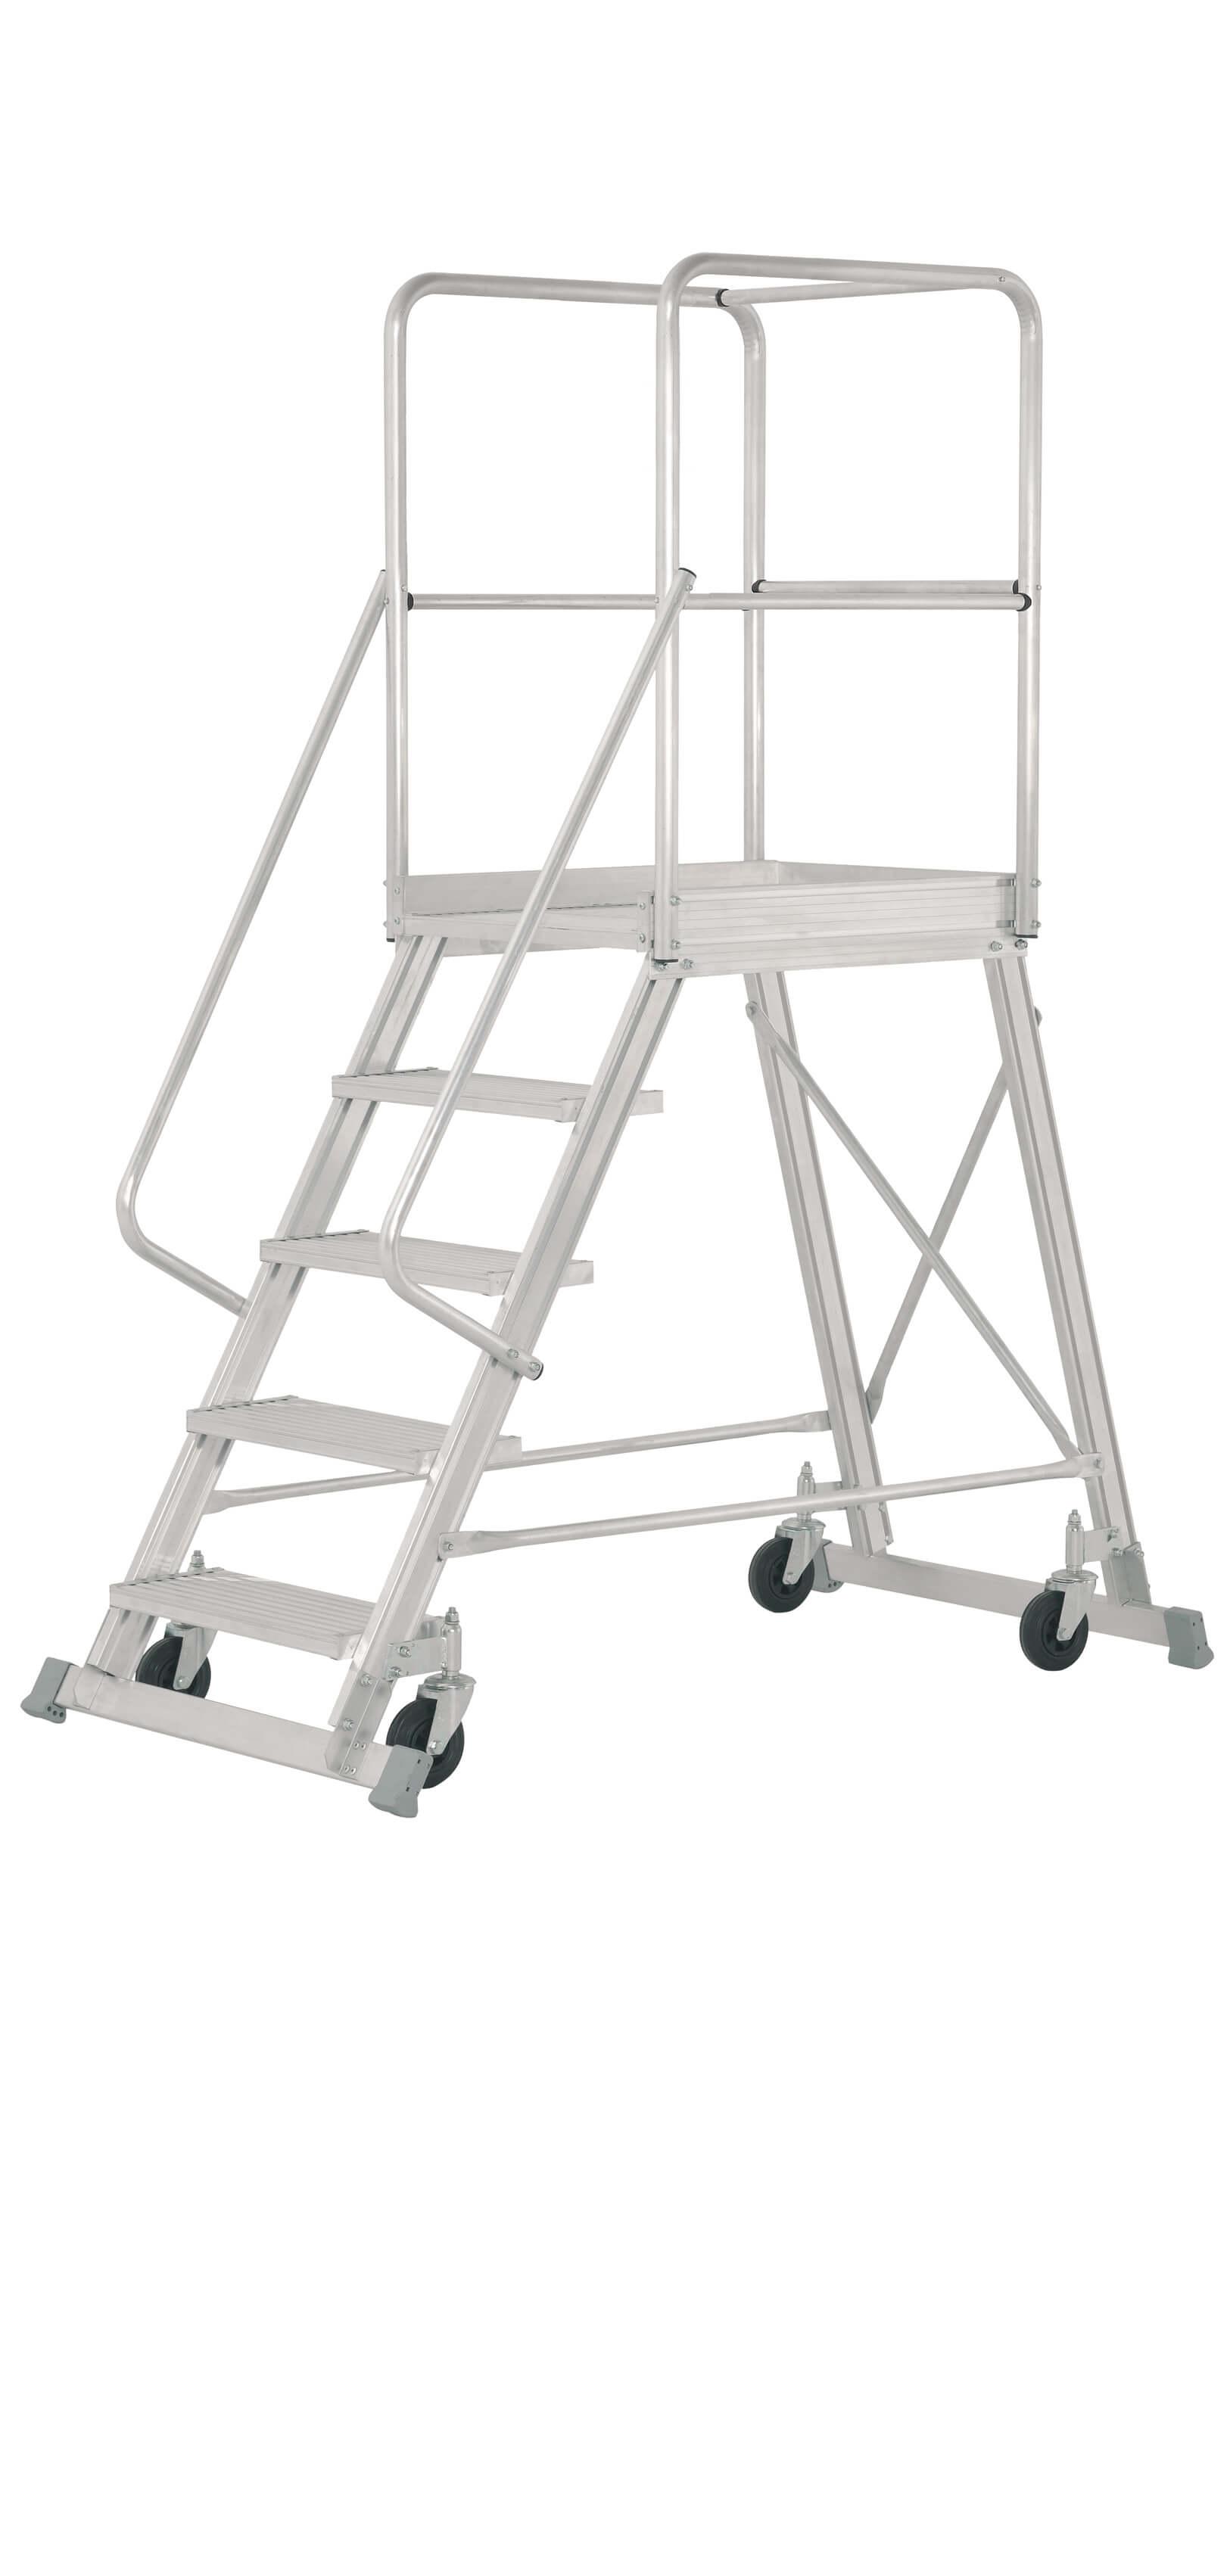 Escalera De Aluminio Para Almacén